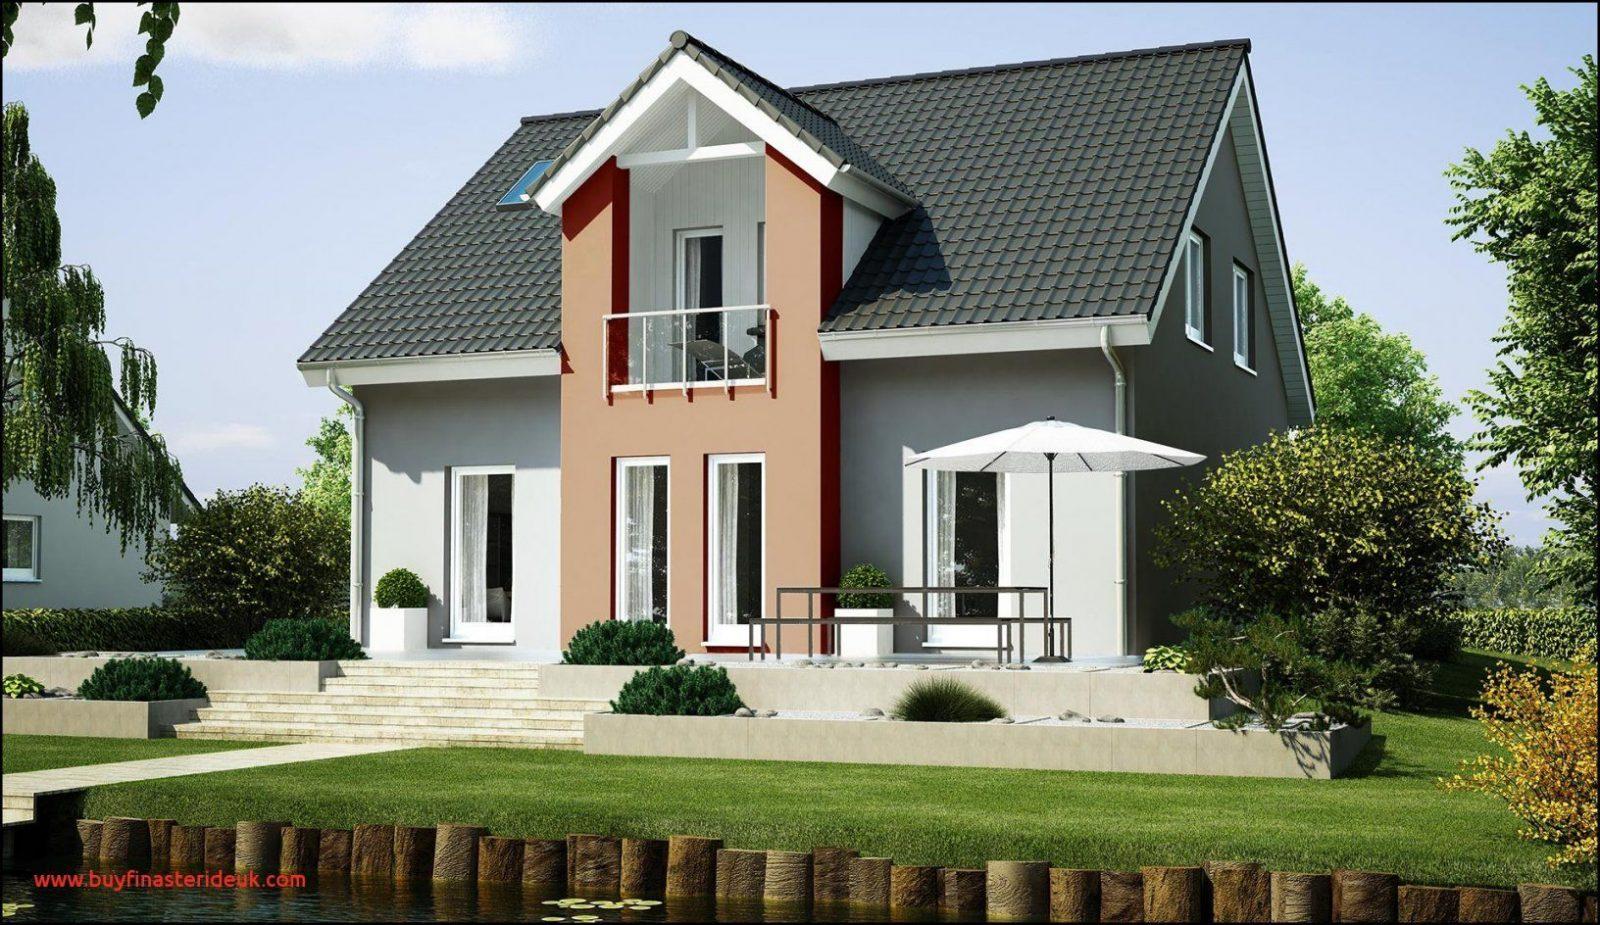 37 Luxusbild Allkauf Haus Preise Schlüsselfertig  Wallpaper Farbe von Kosten Allkauf Haus Schlüsselfertig Bild